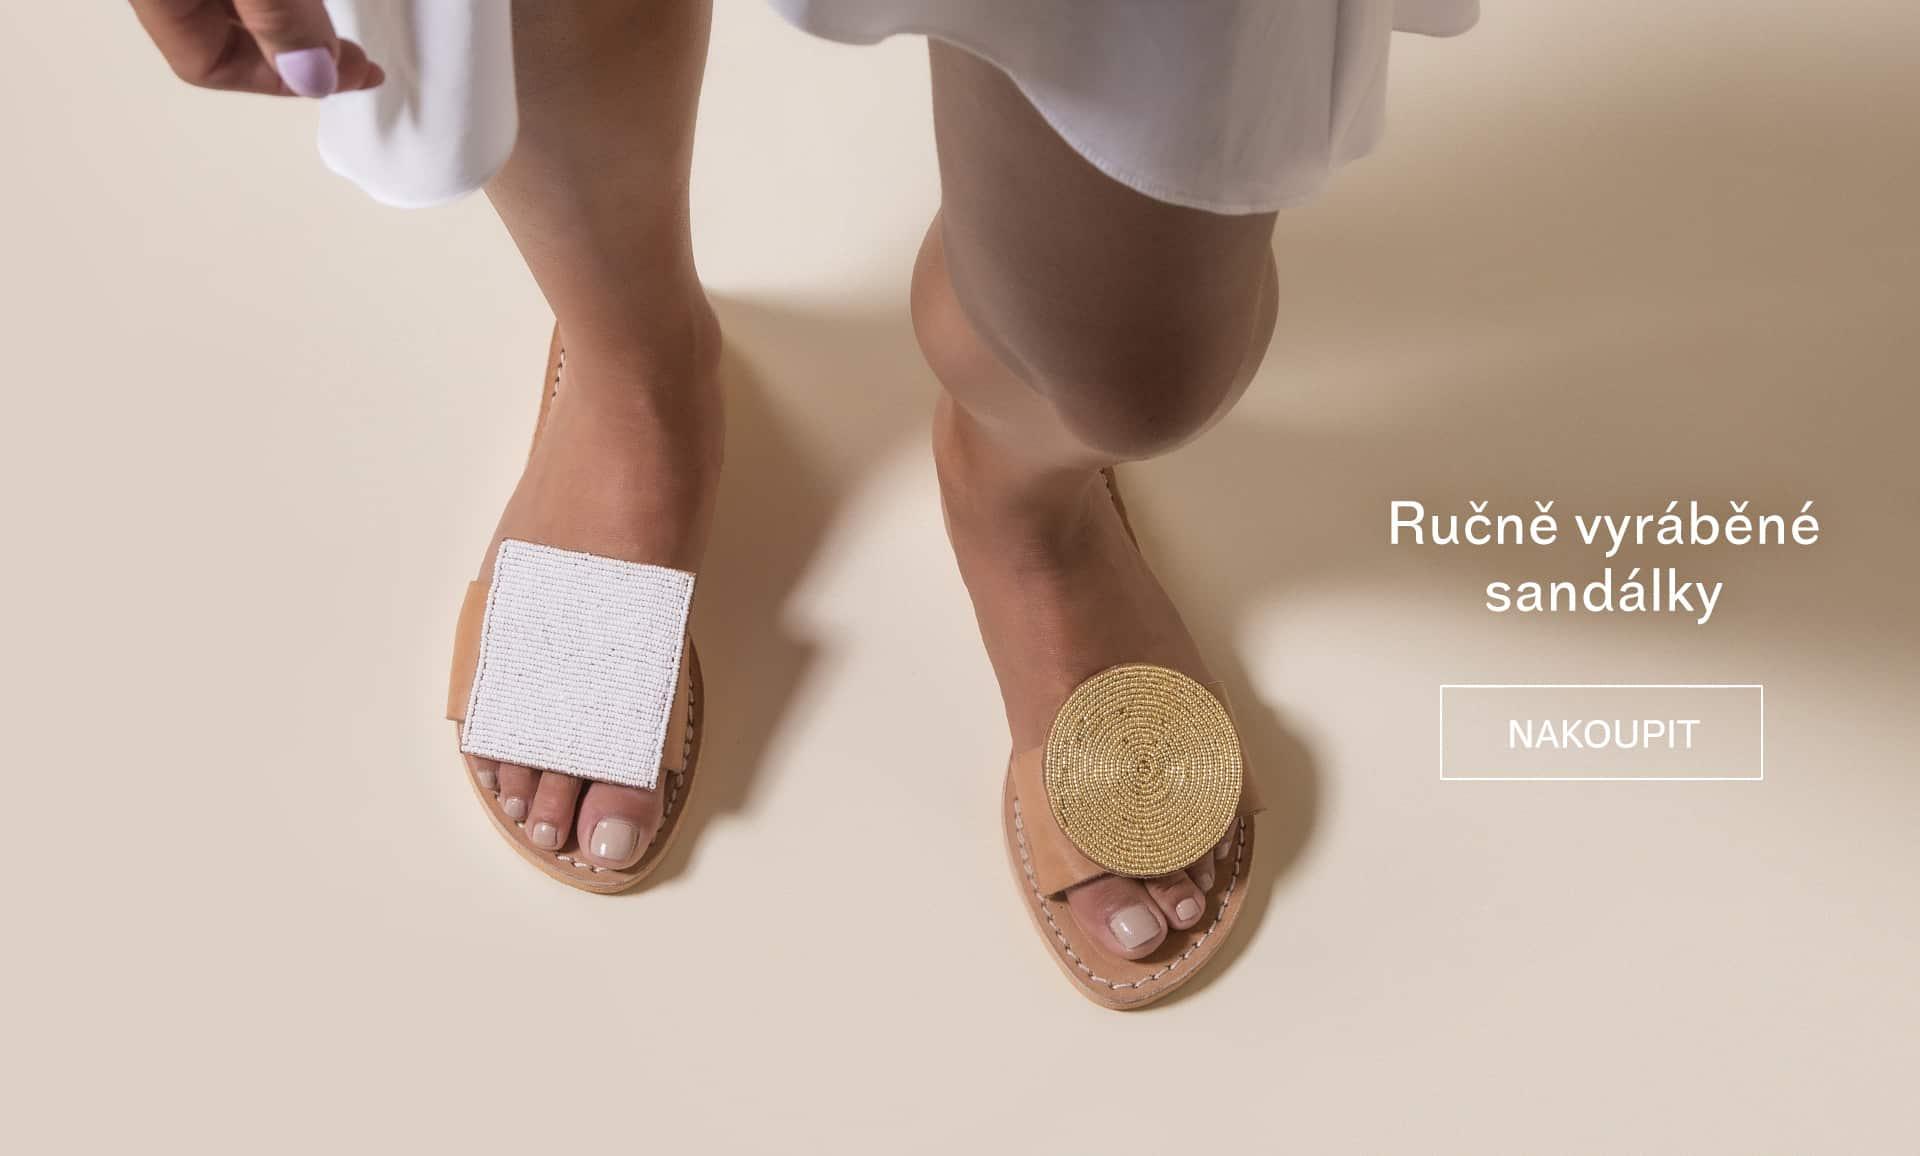 banner-1-1-rucne-vyrabene-sandalky.jpg